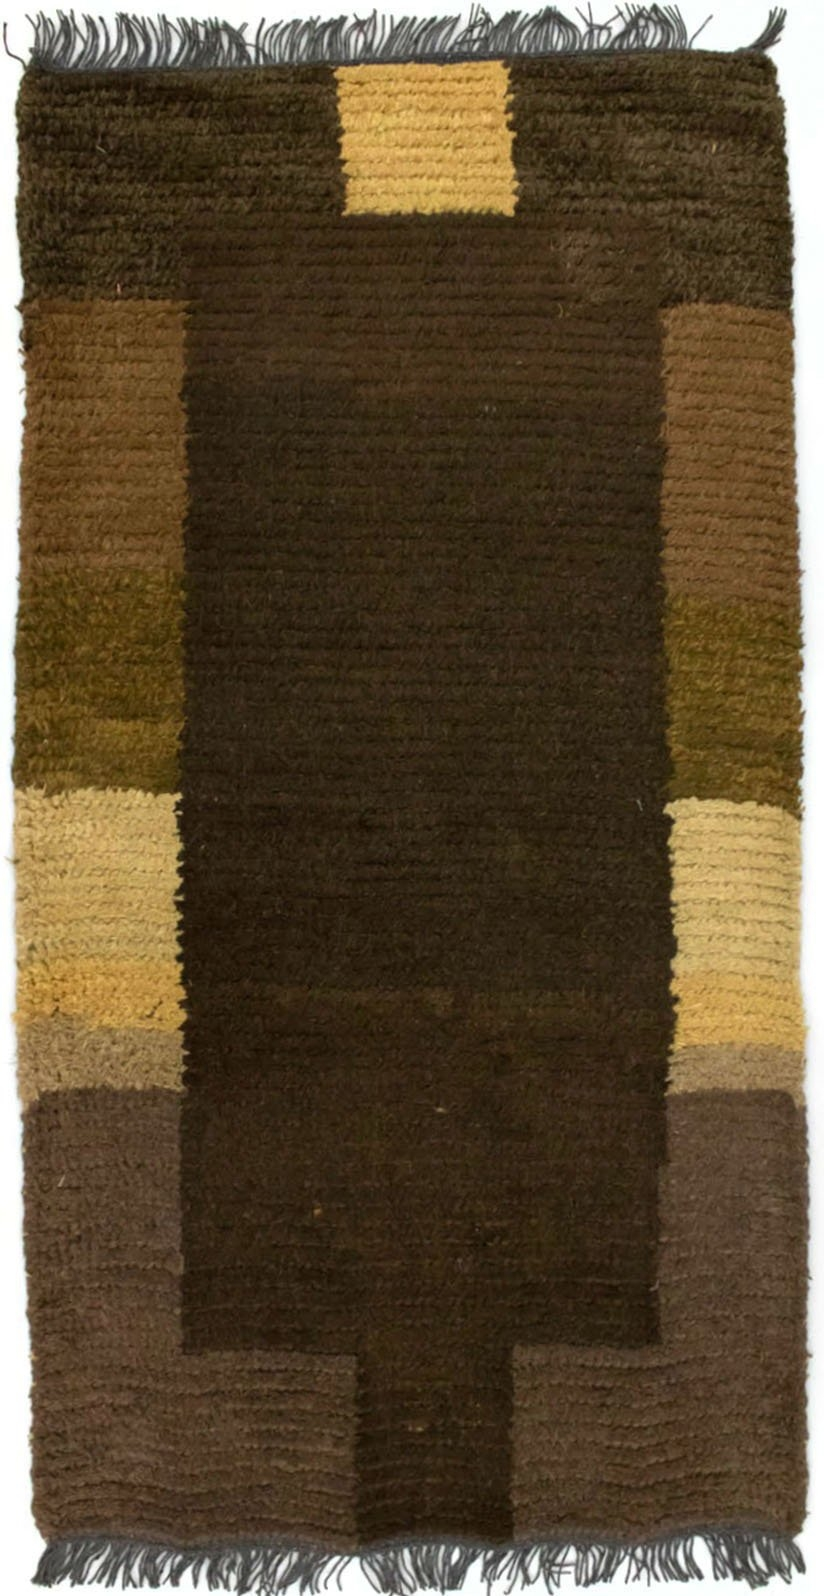 morgenland wollen kleed Nepal Teppich handgeknüpft braun handgeknoopt - gratis ruilen op otto.nl